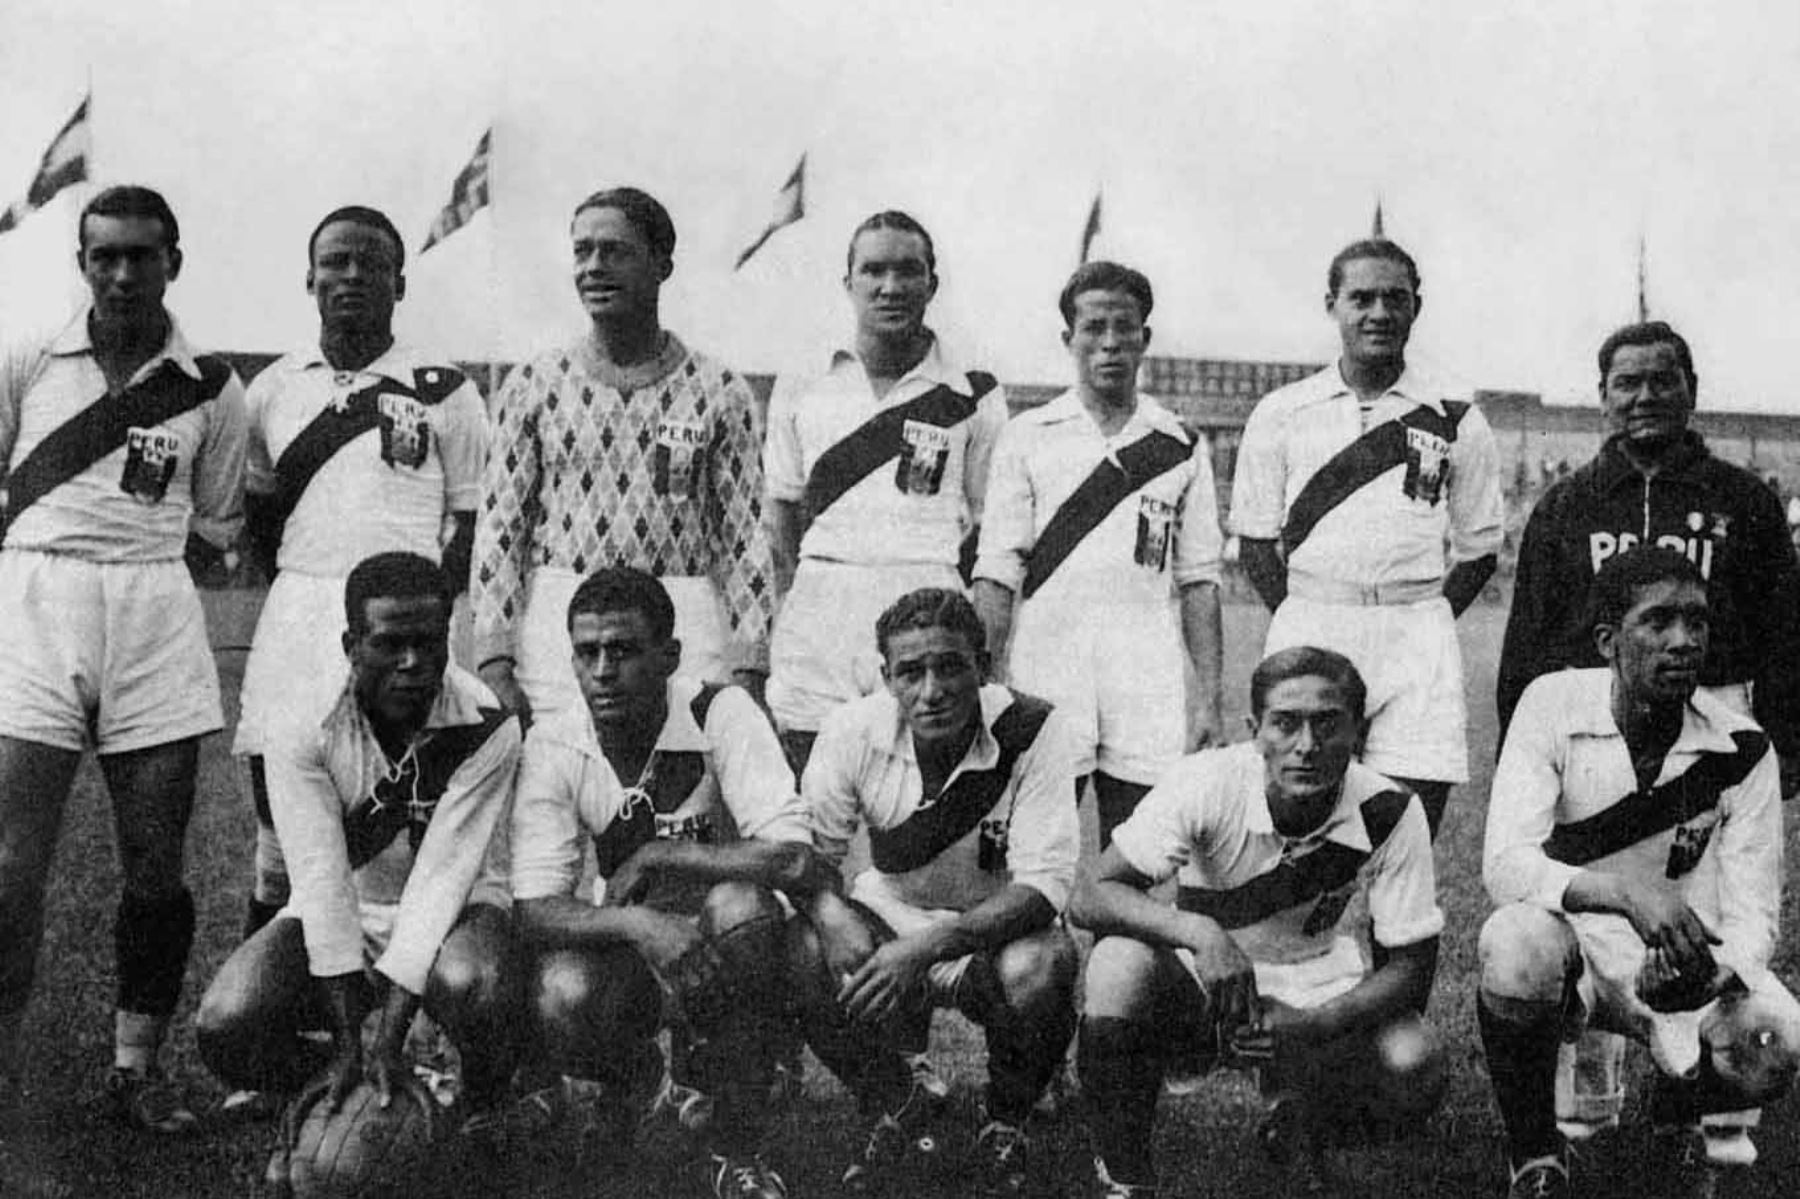 """"""" Lolo """" Fernandez jugó para  la Selección Peruana, jugó 32 partidos con la 'Bicolor' y marcó 24 goles.  Foto: Archivo diario el Peruano"""